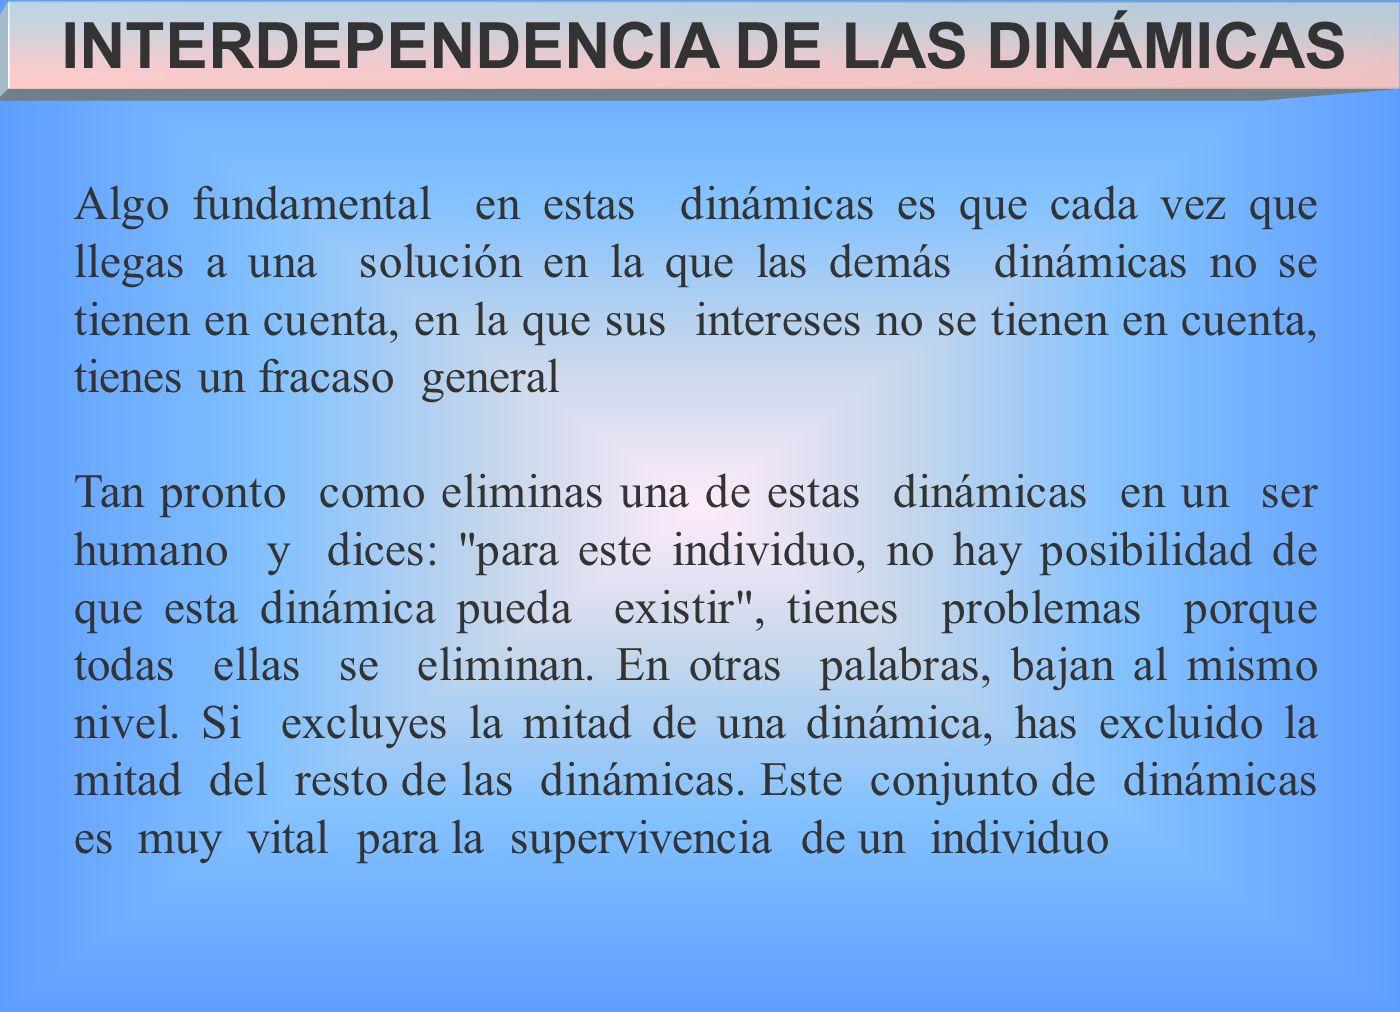 INTERDEPENDENCIA DE LAS DINÁMICAS